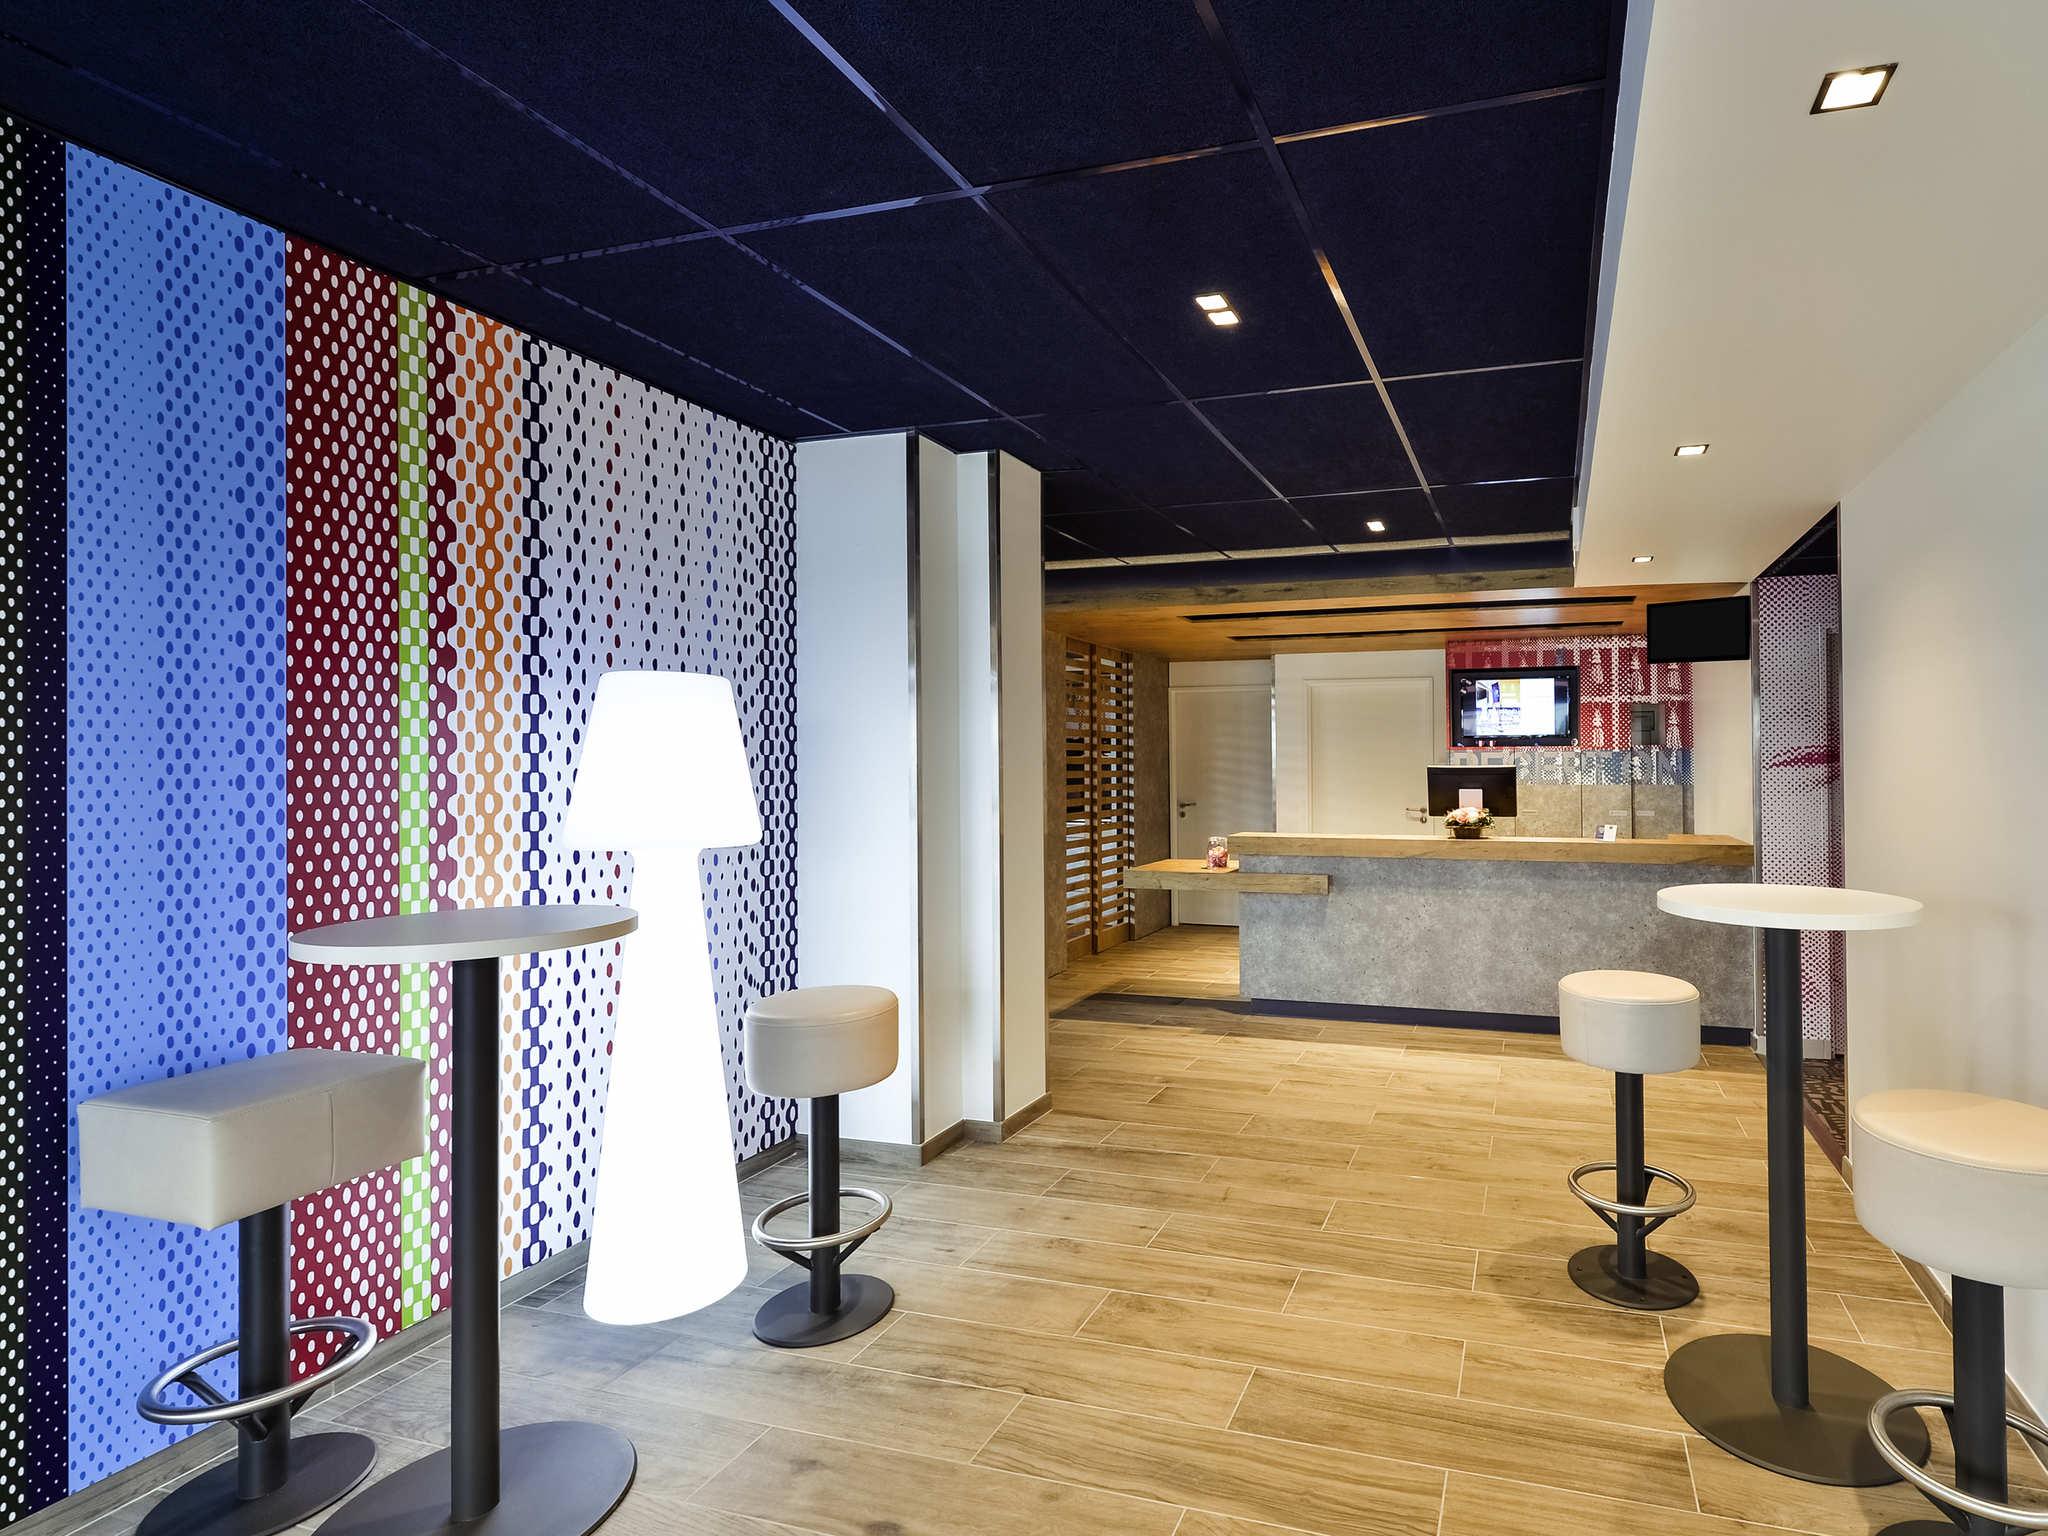 Hotel – ibis budget Macon Creches (apertura maggio 2018)